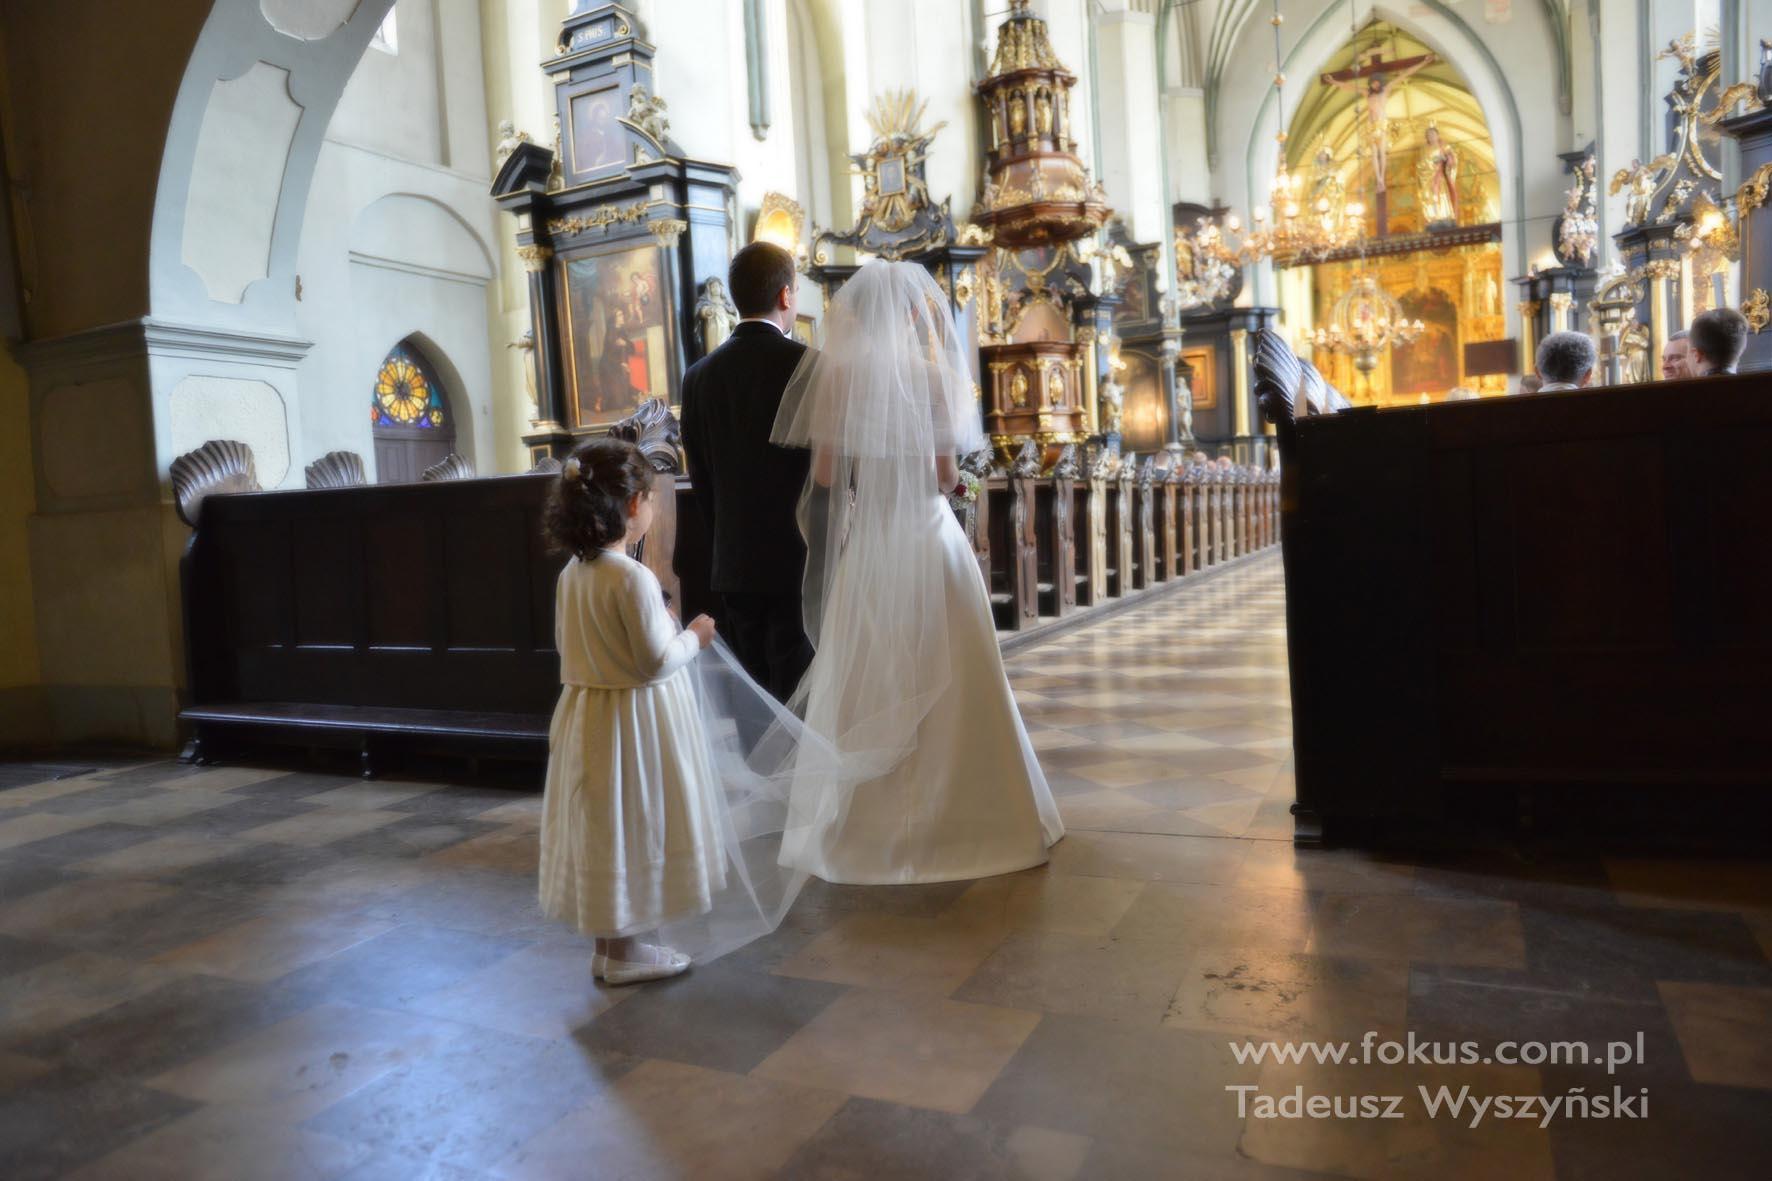 Fotografia ślubna, reportaż, kościół Św. Mikołaja Gdańsk